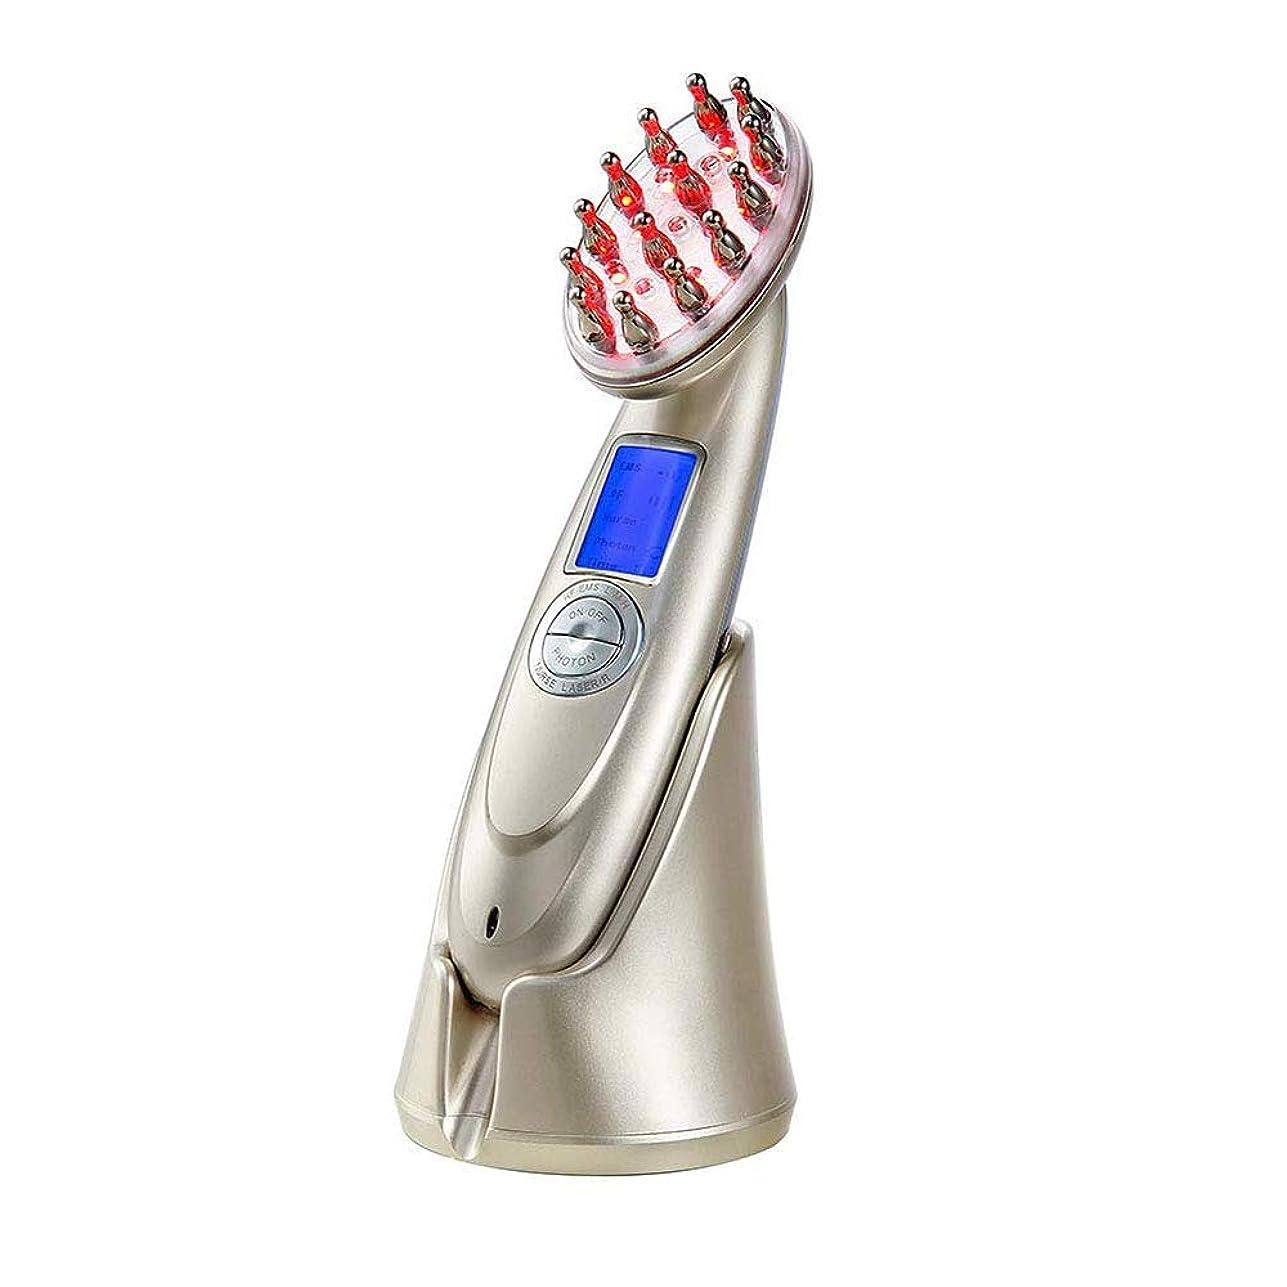 優先権ホイップ知らせる髪の成長櫛電気抗毛損失治療マッサージヘア再生ブラシ無線周波数職業 EMS Led フォトンライトセラピー櫛